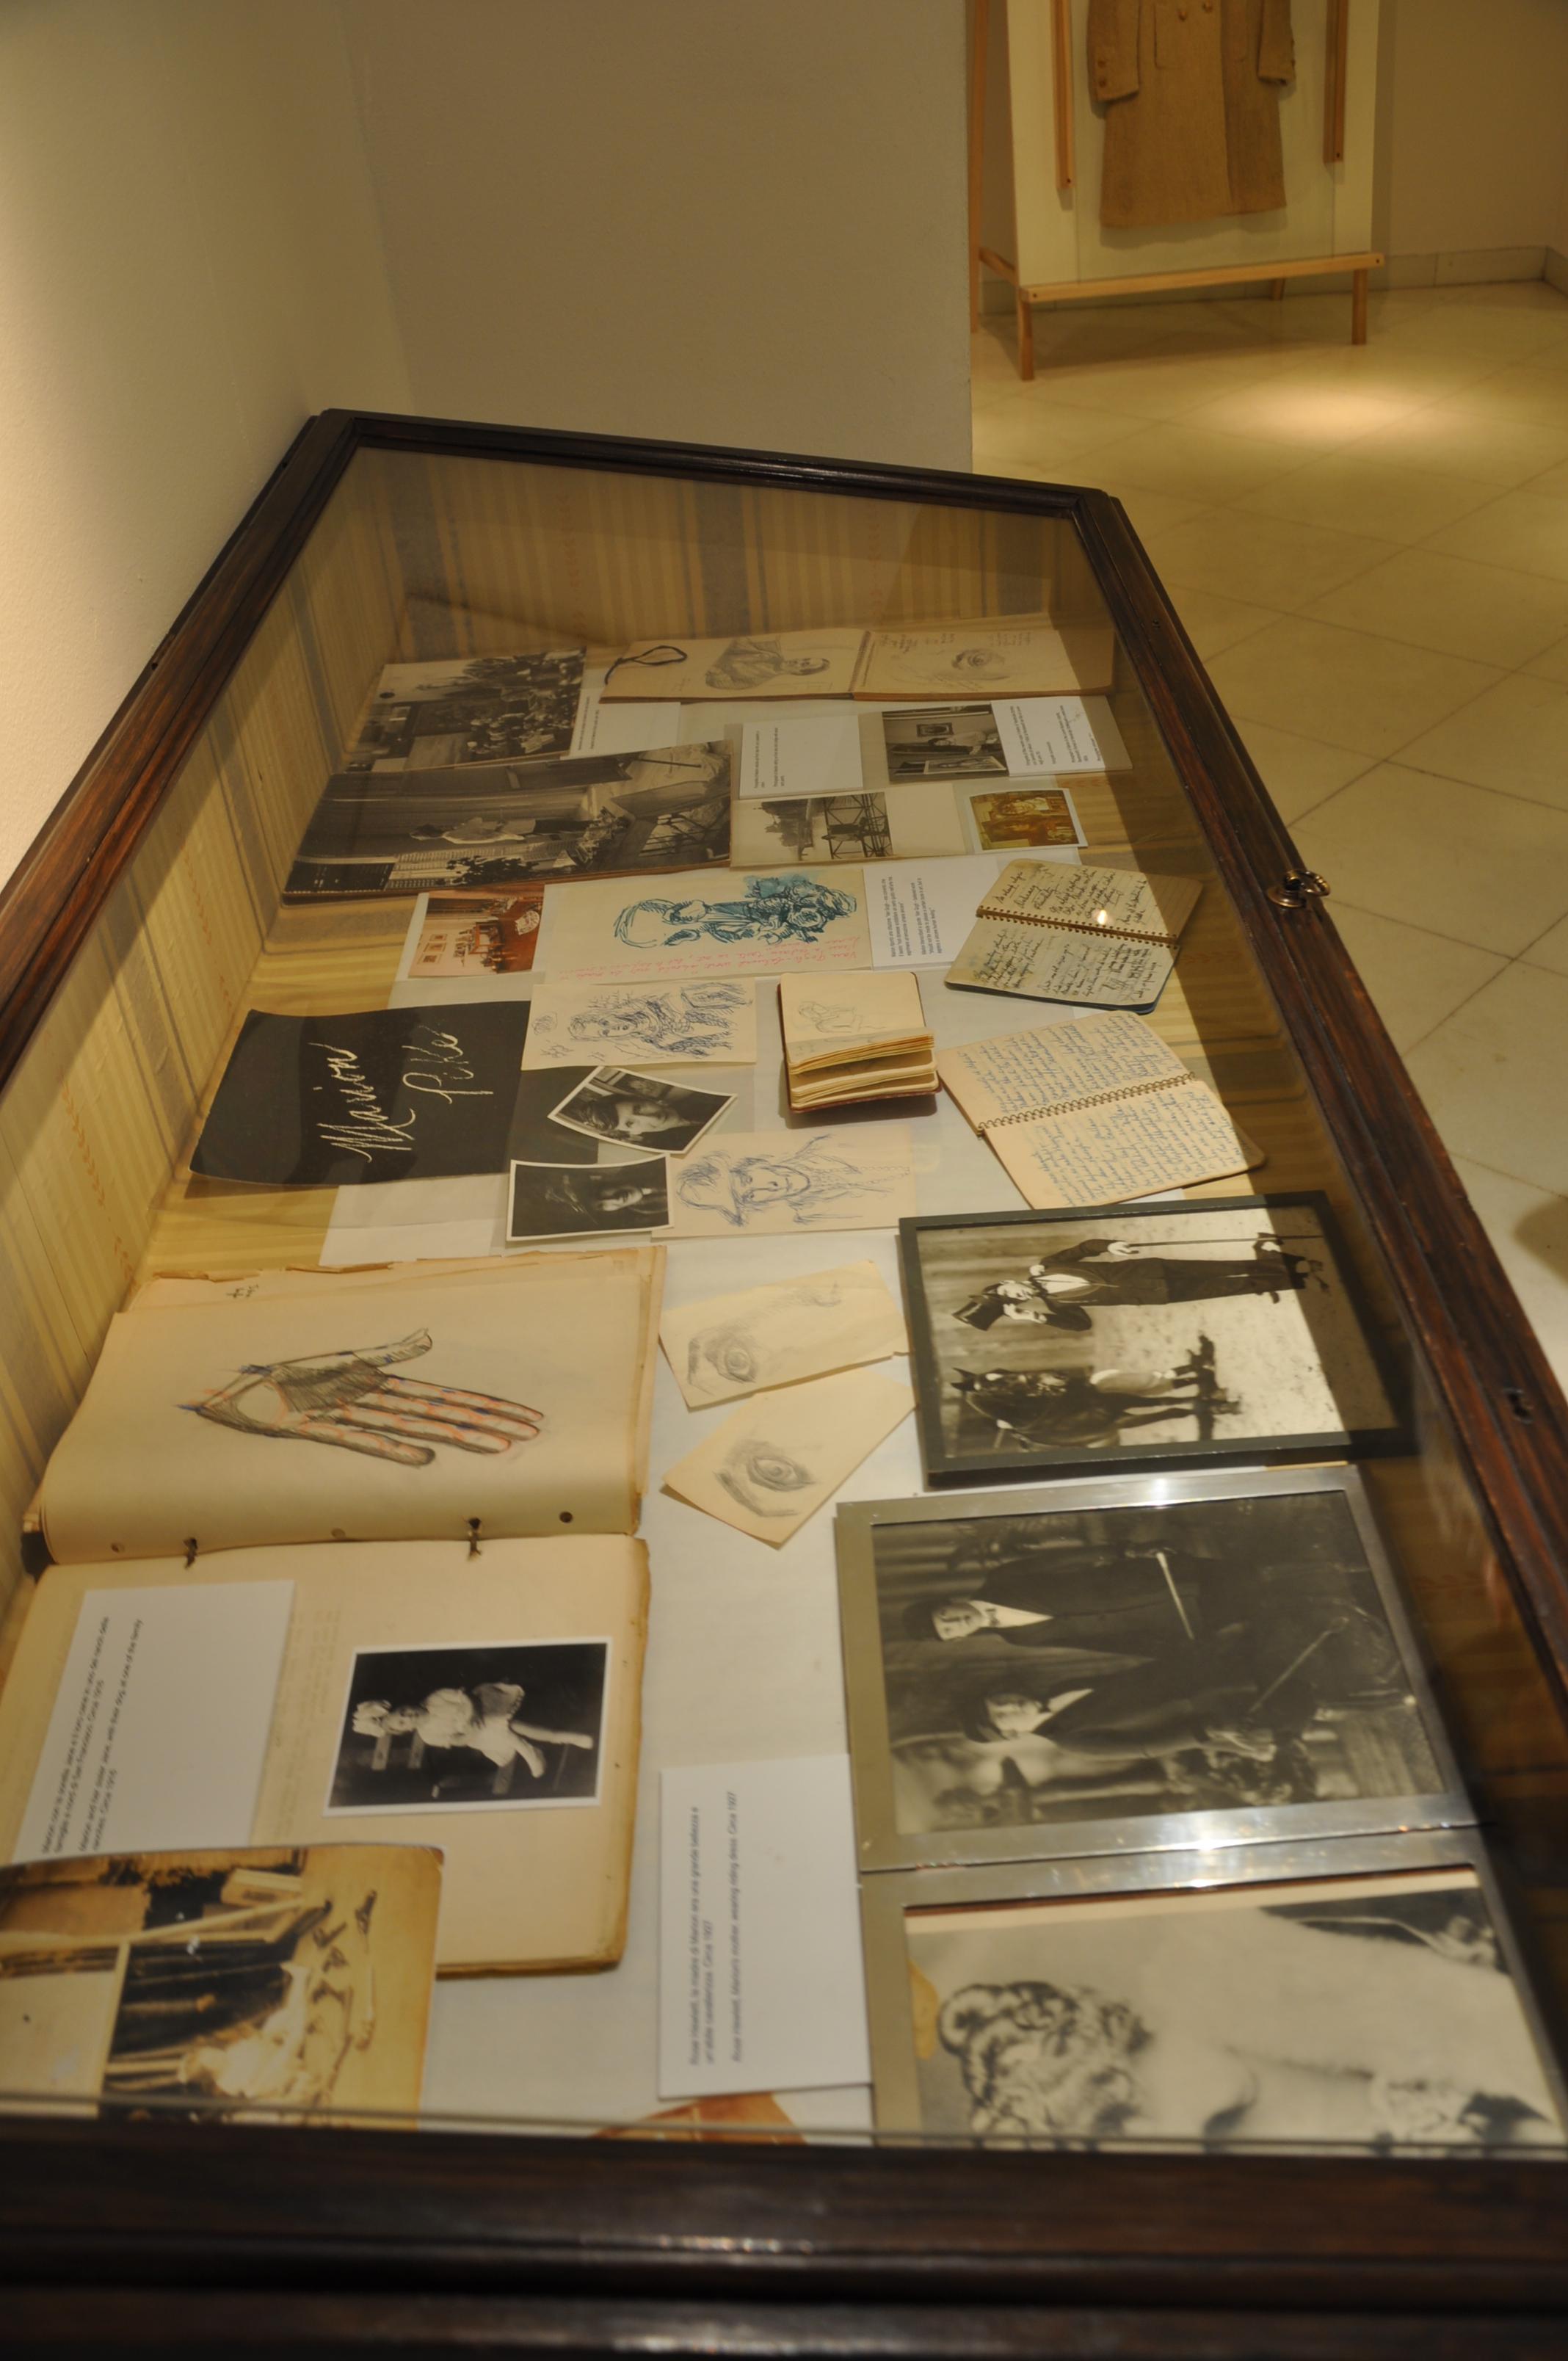 Palazzo morando l 39 atelier the blog for Palazzo morando